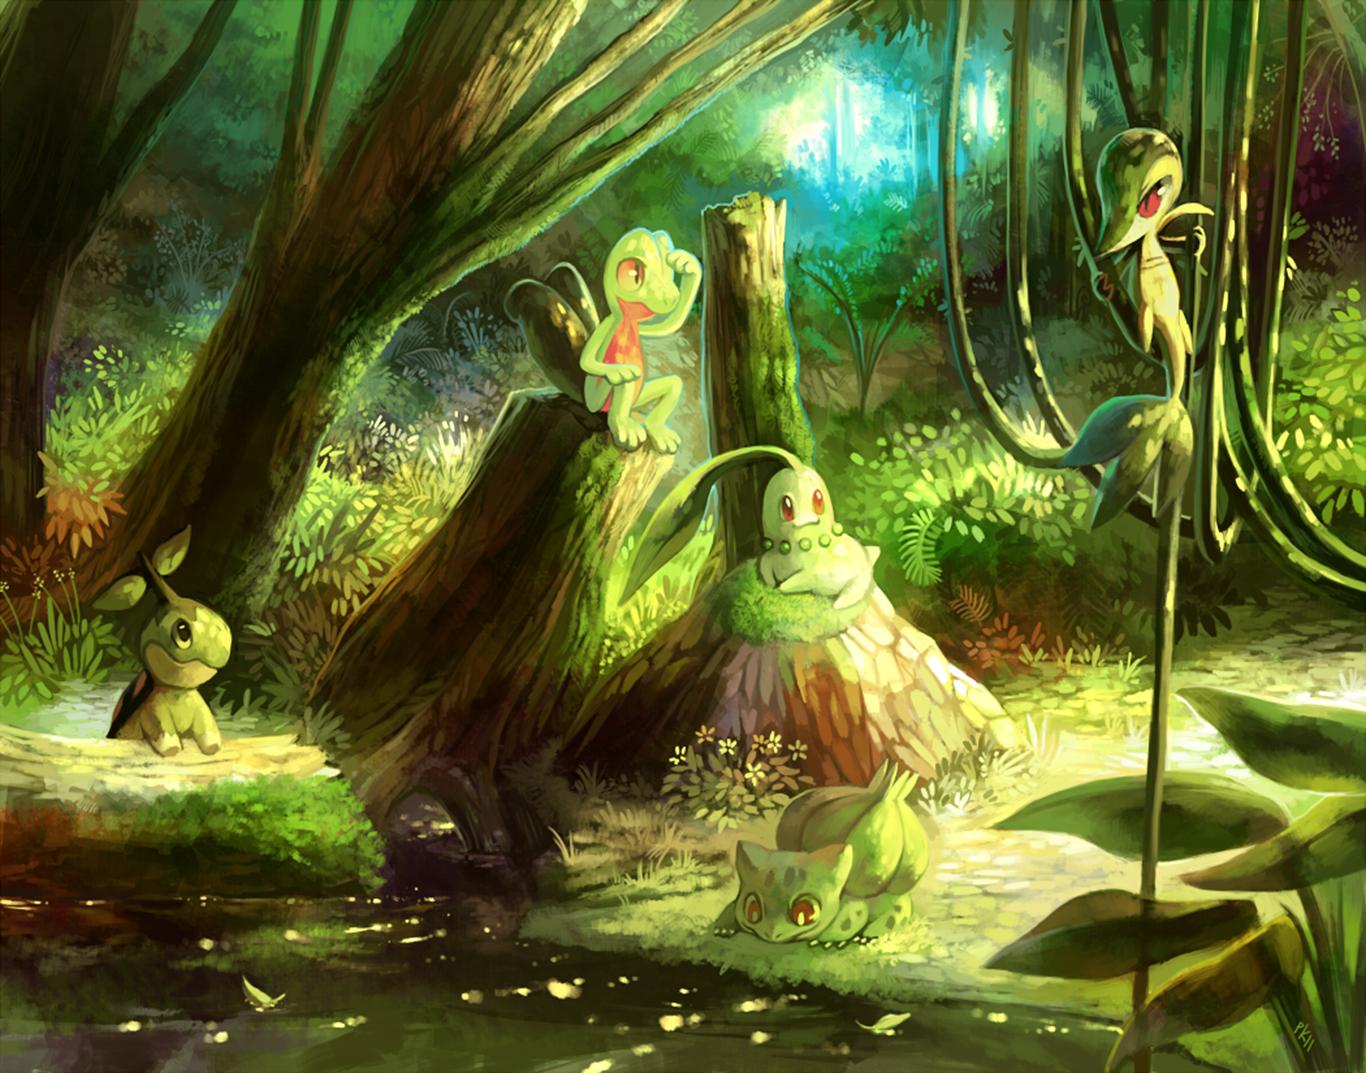 Anime Pokemon Pokmon Grass Pokmon Treecko Chikorita Snivy 1366x1073